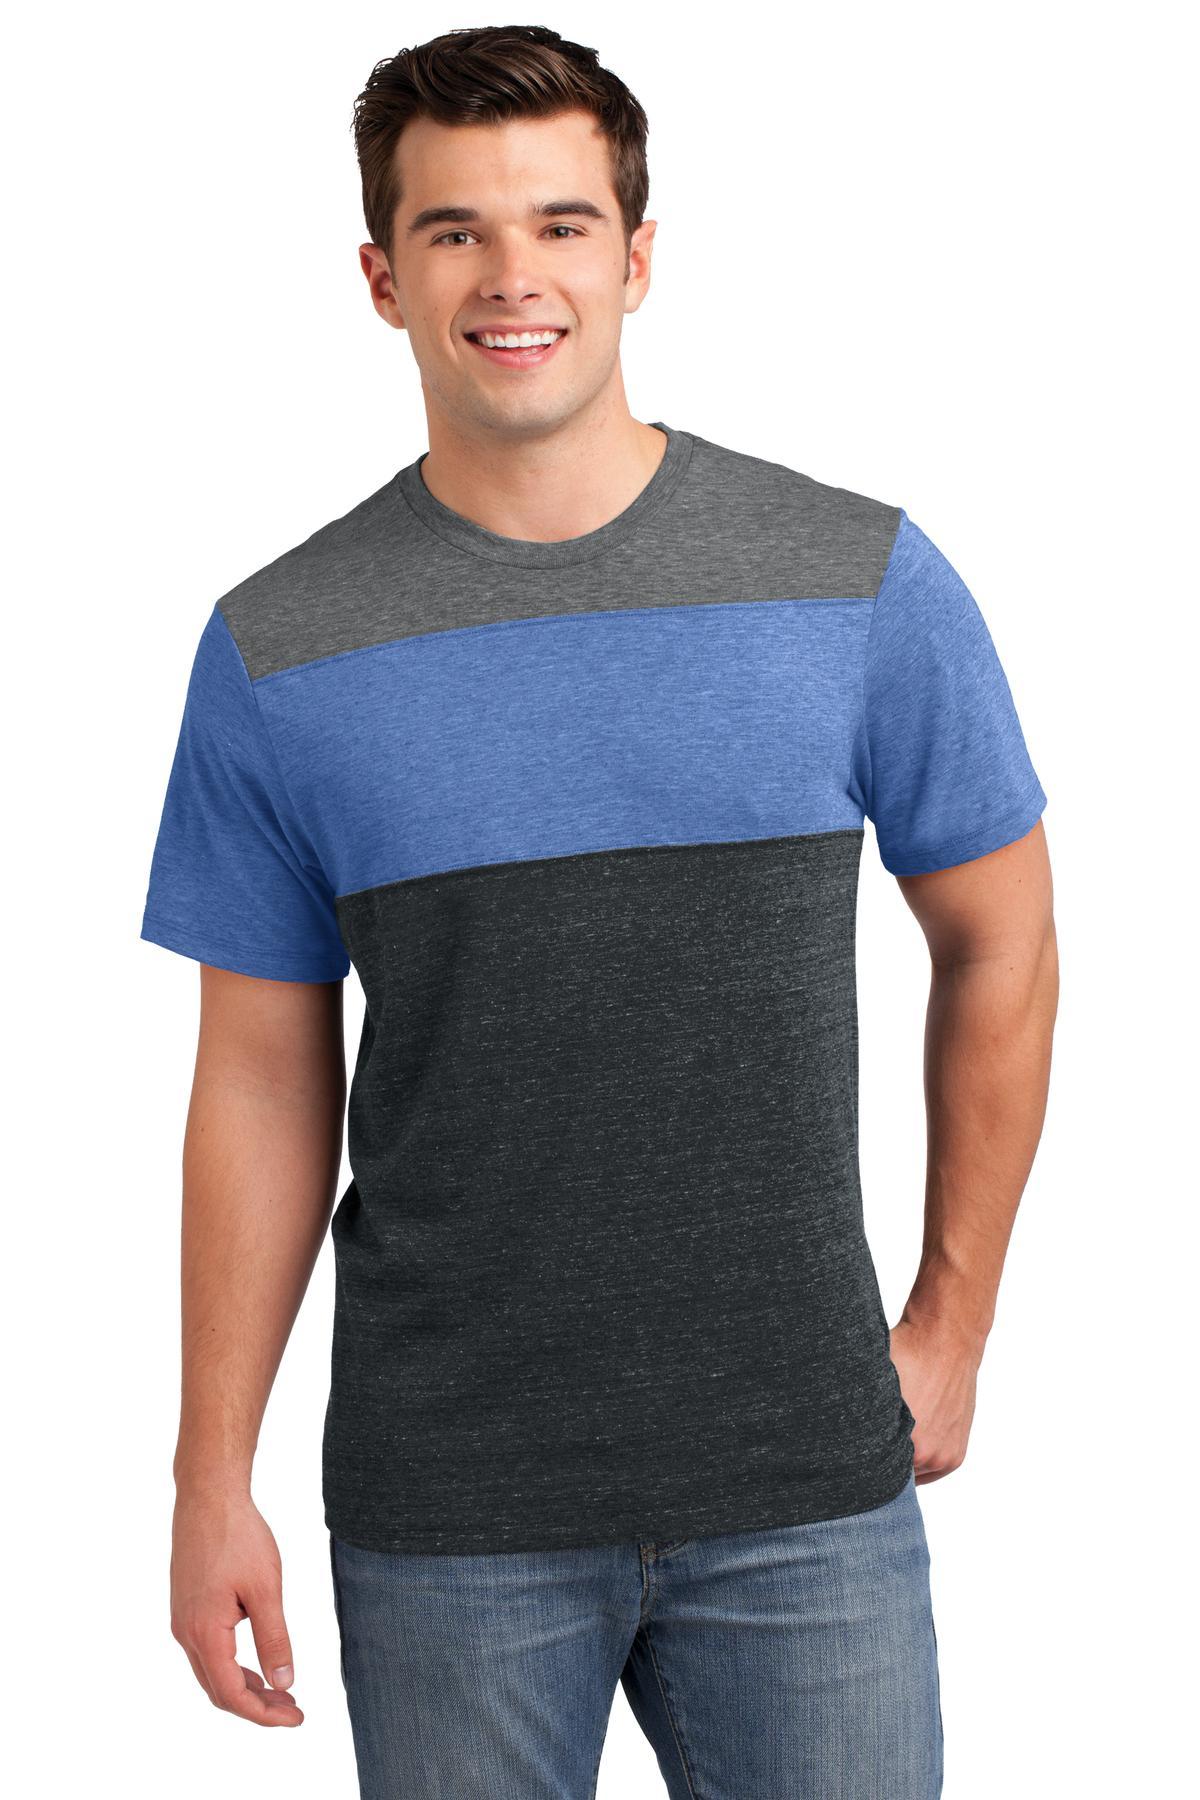 T-Shirts-Juniors-Young-Men-8